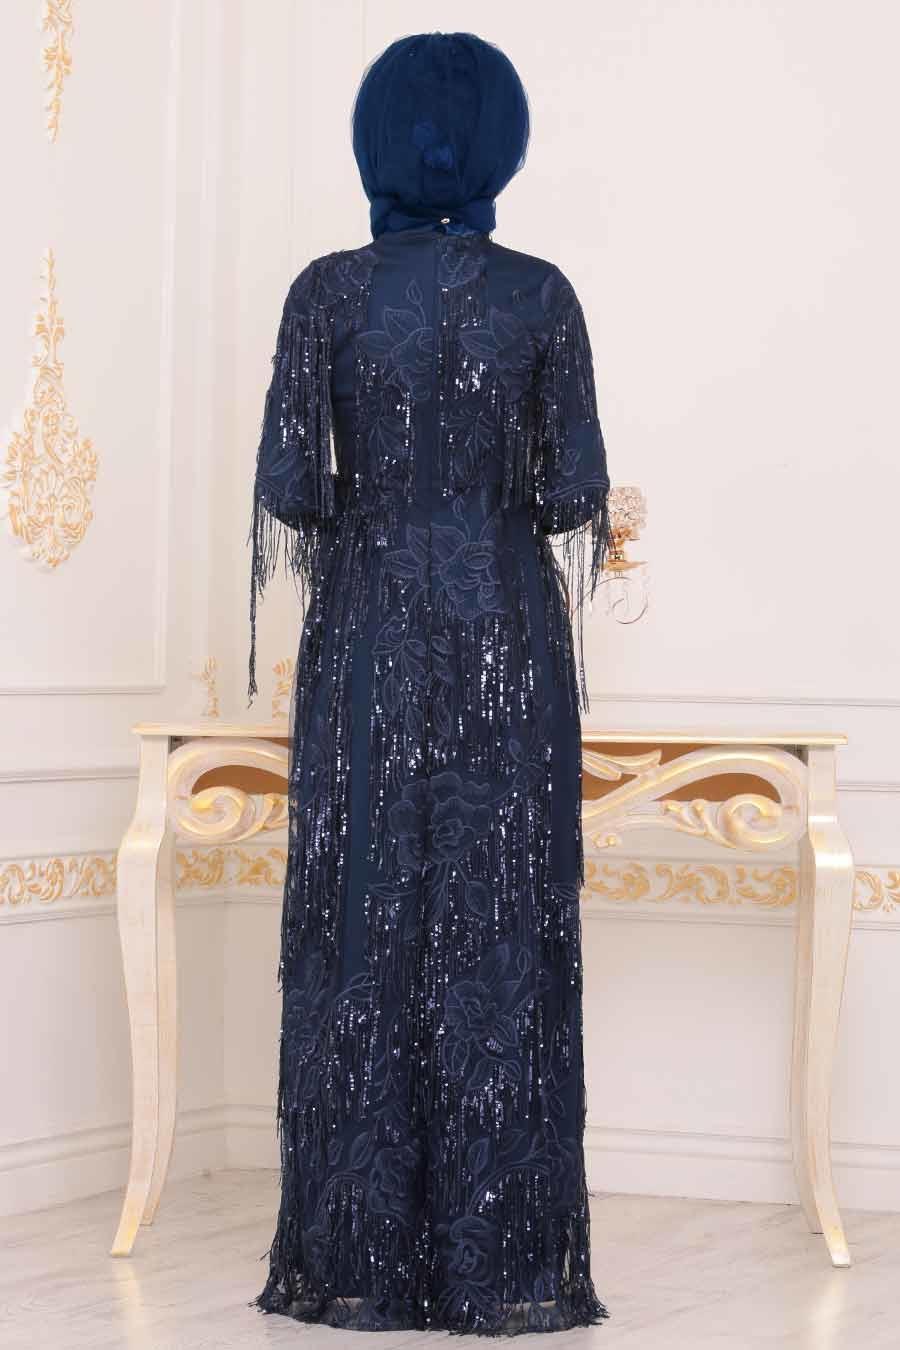 Tesettürlü Abiye Elbise - Pul Sarkıtmalı Lacivert Tesettür Abiye Elbise 3854L